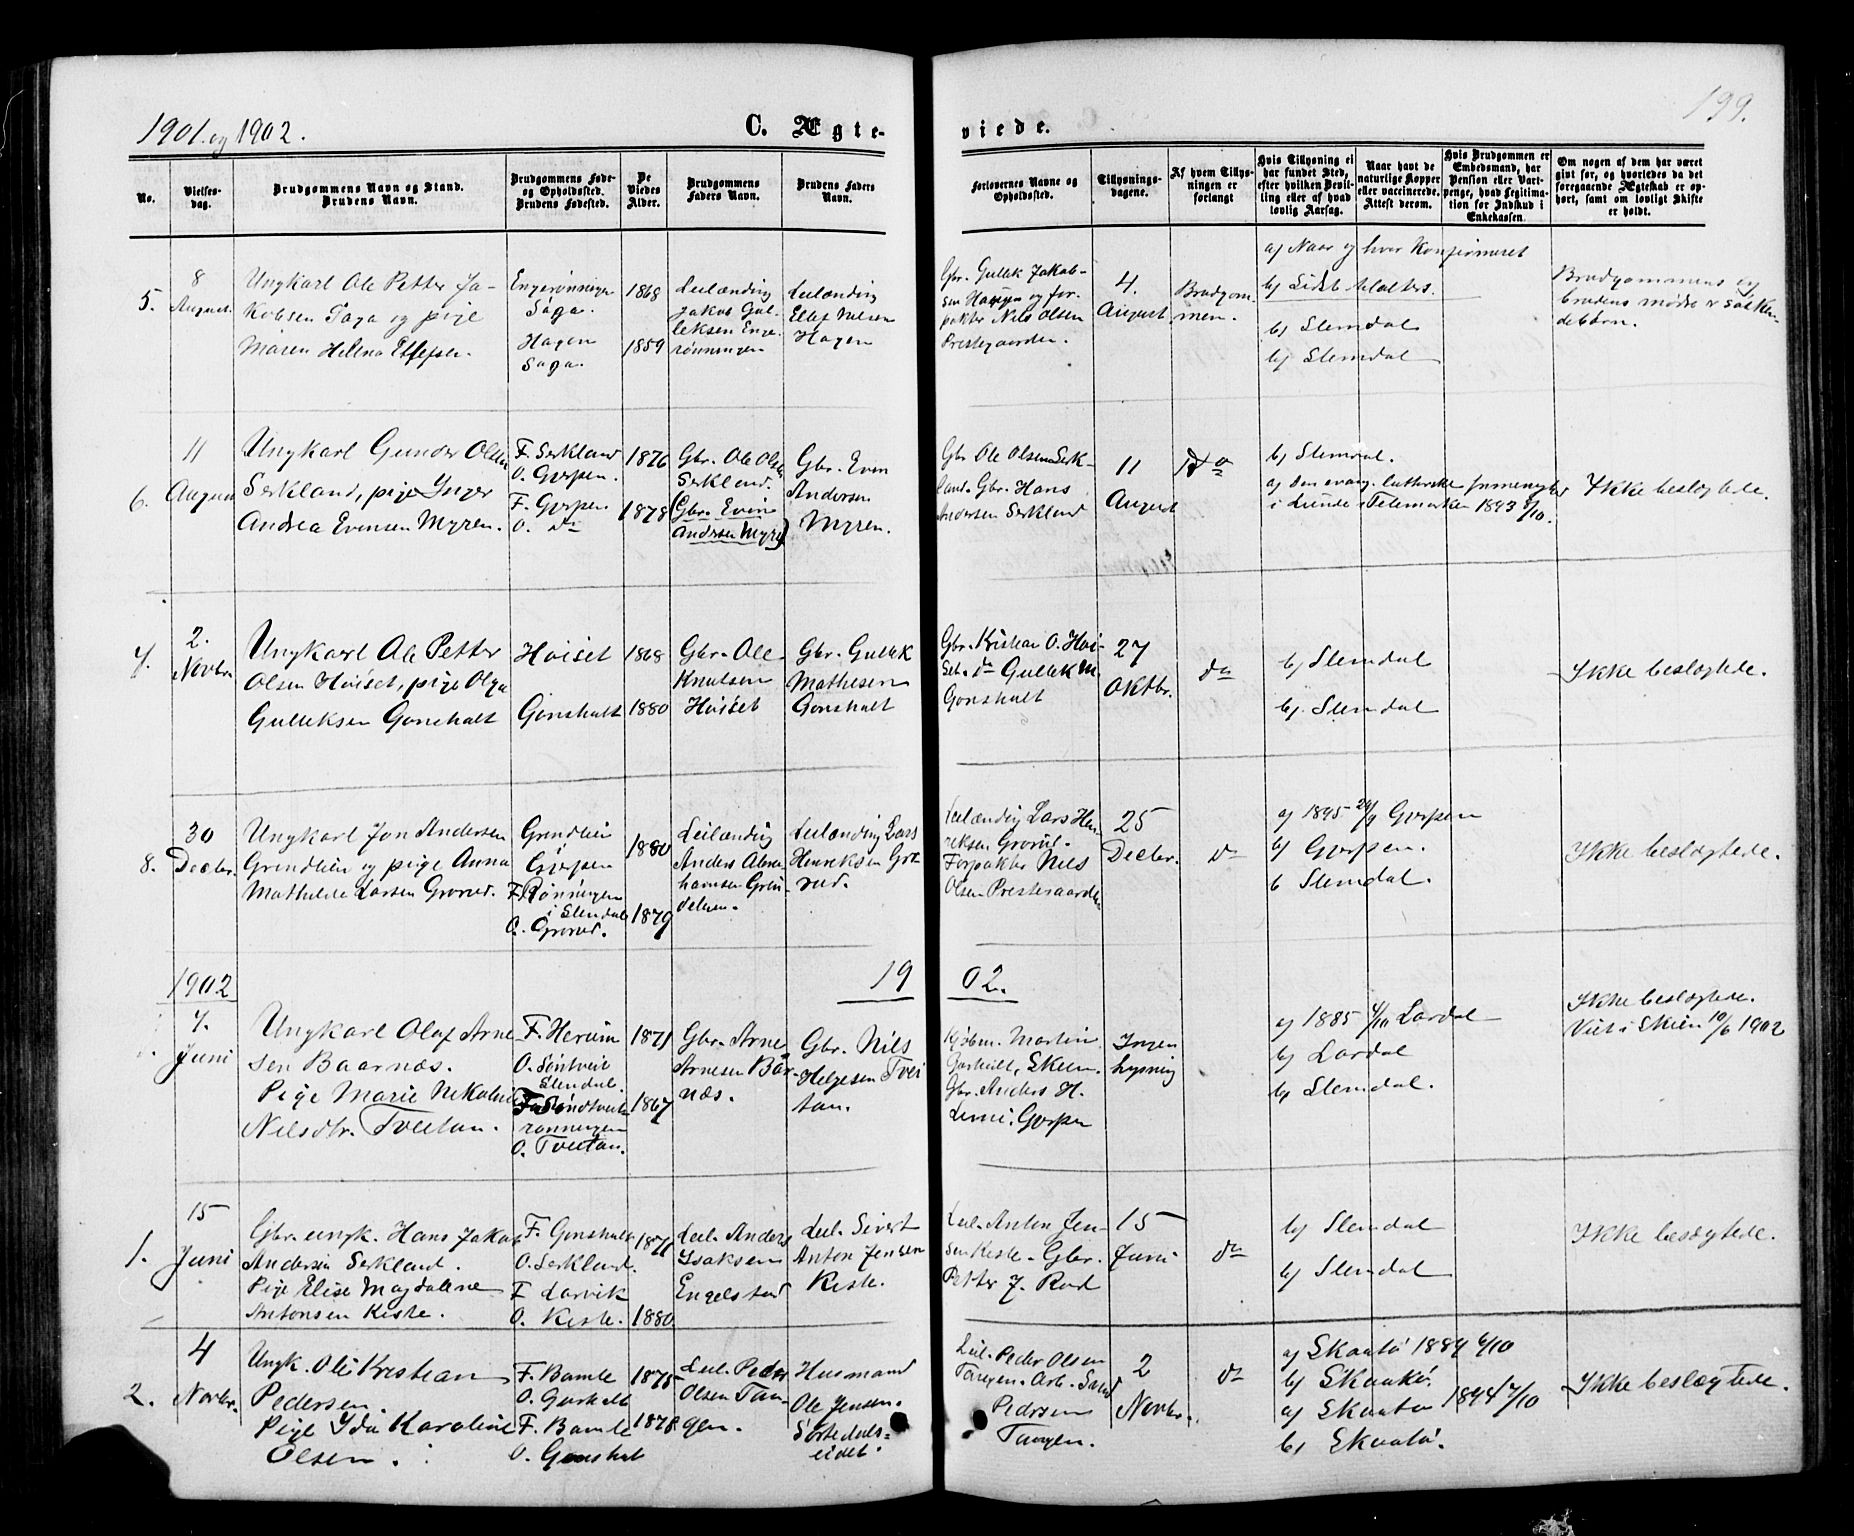 SAKO, Siljan kirkebøker, G/Ga/L0002: Klokkerbok nr. 2, 1864-1908, s. 199